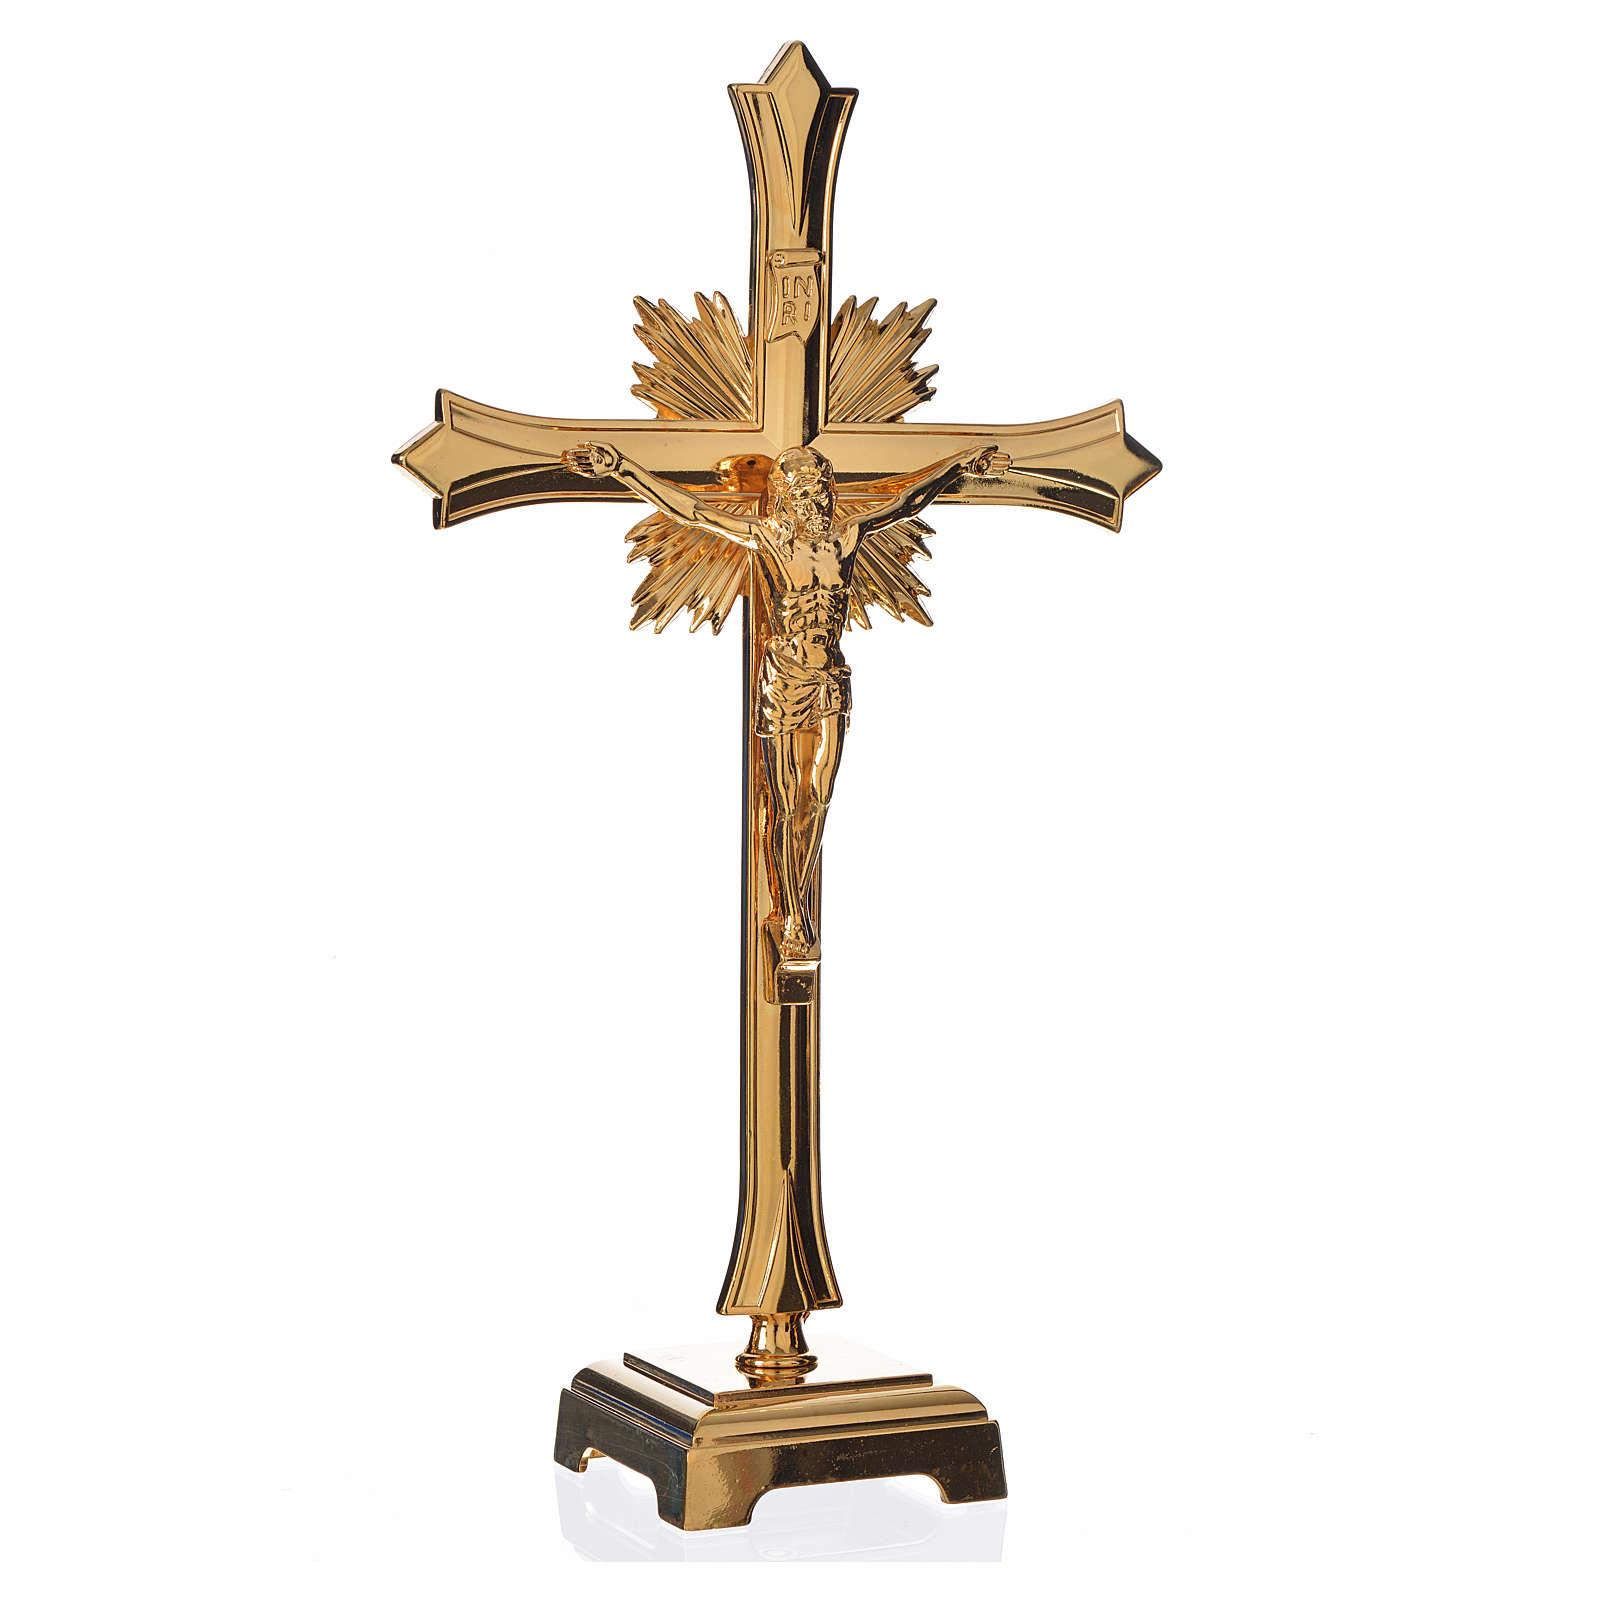 Zestaw ołtarzowy krzyż i dwa świeczniki pozłacany mosiądz 4